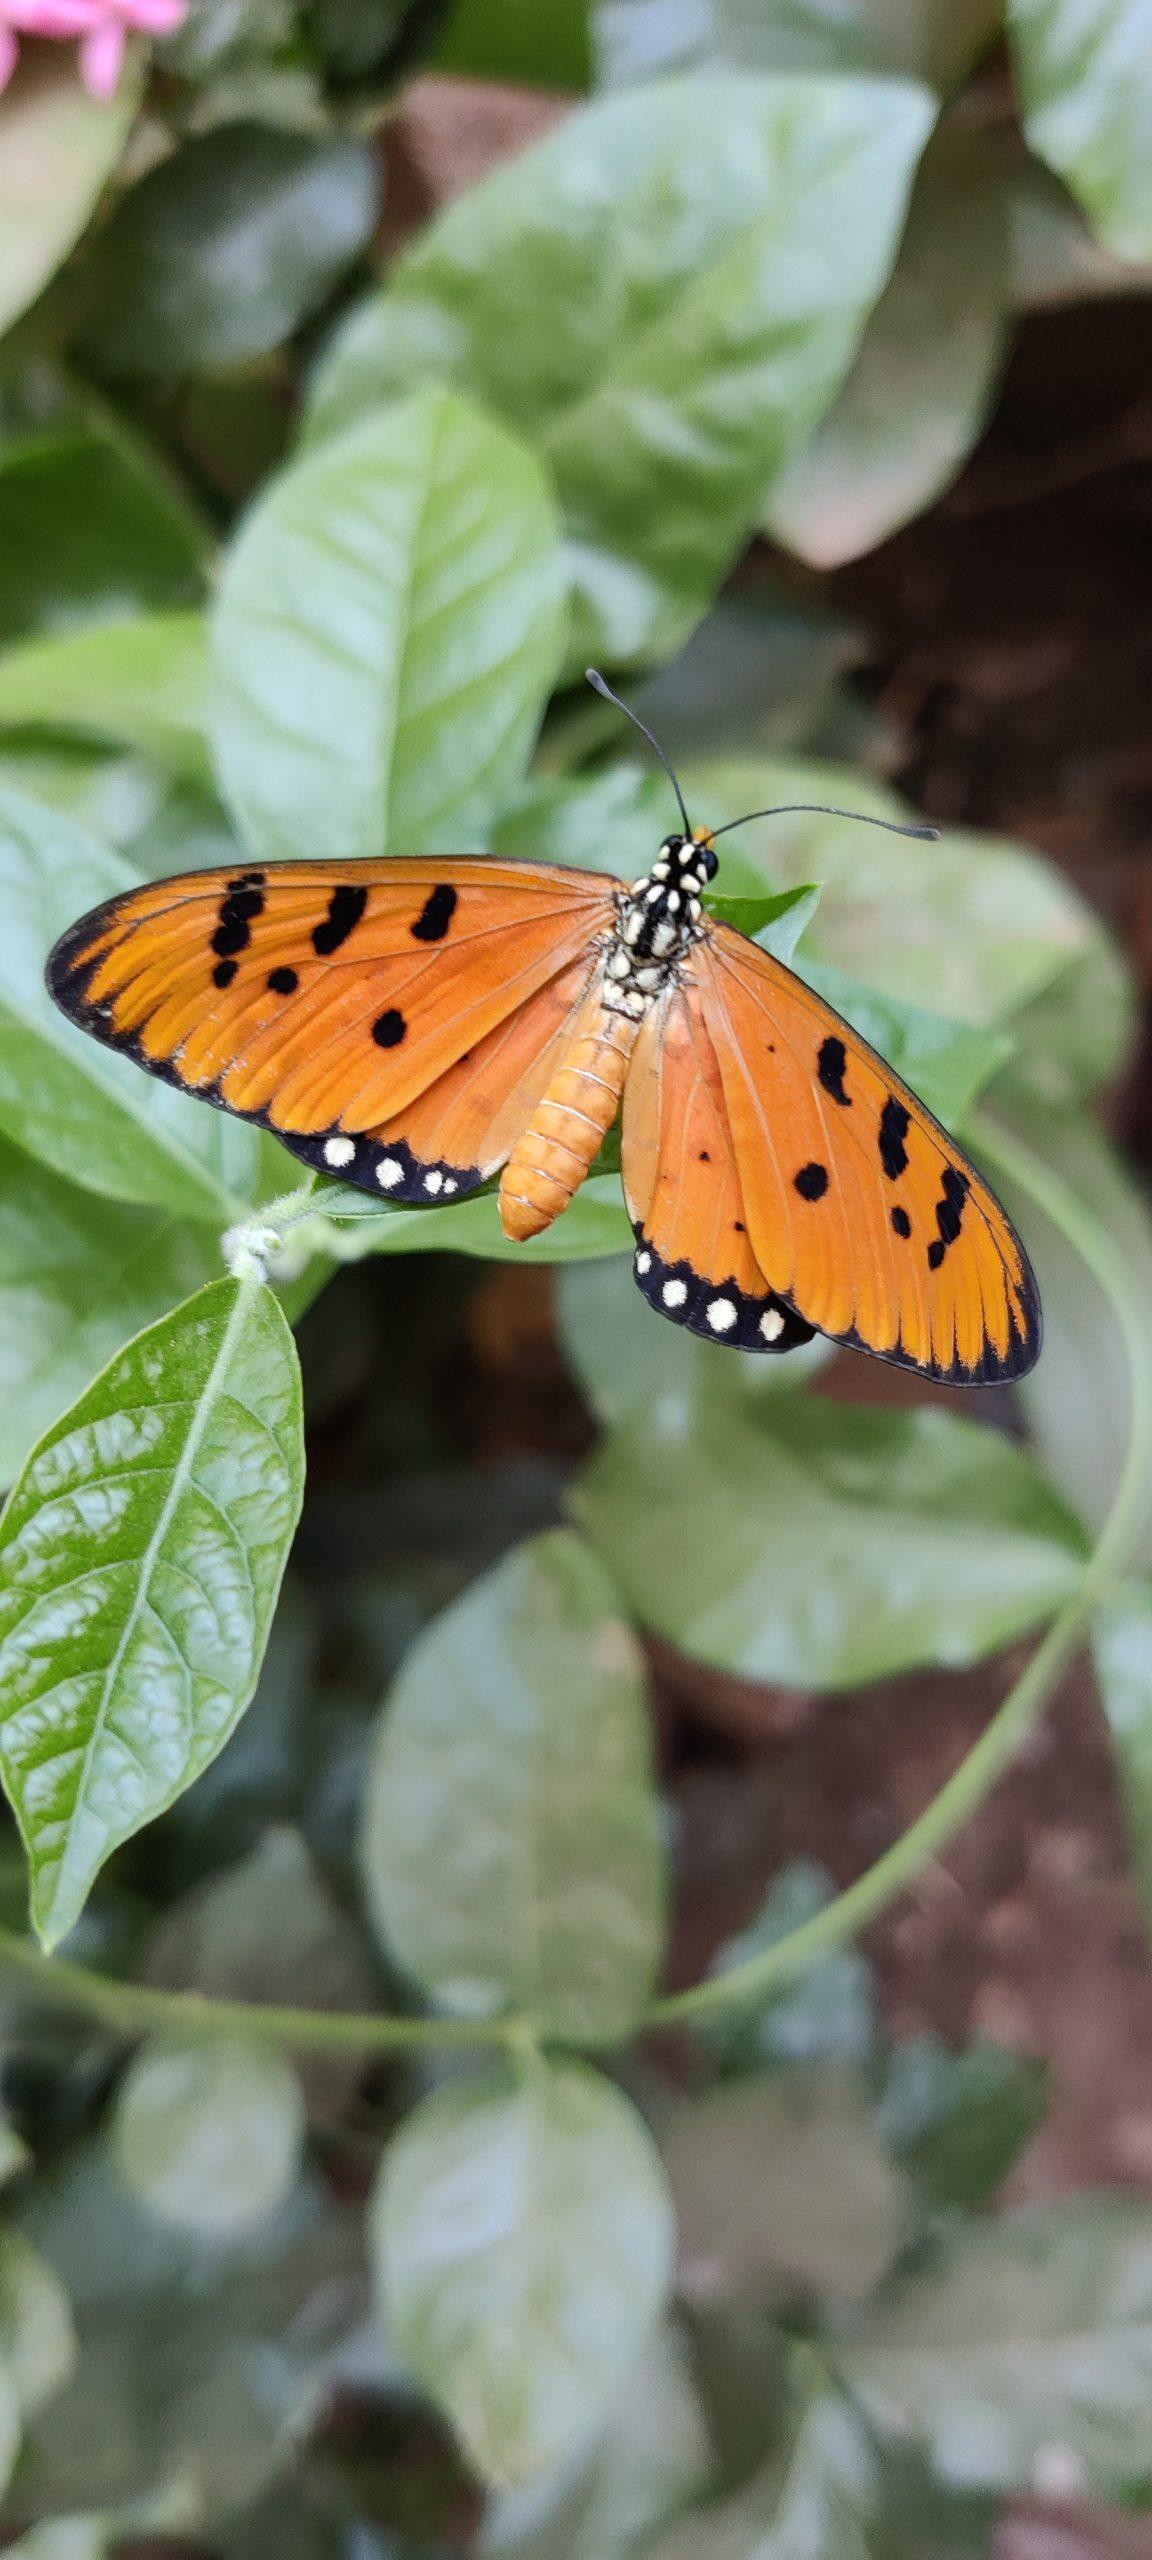 Acraea terpsicore butterfly